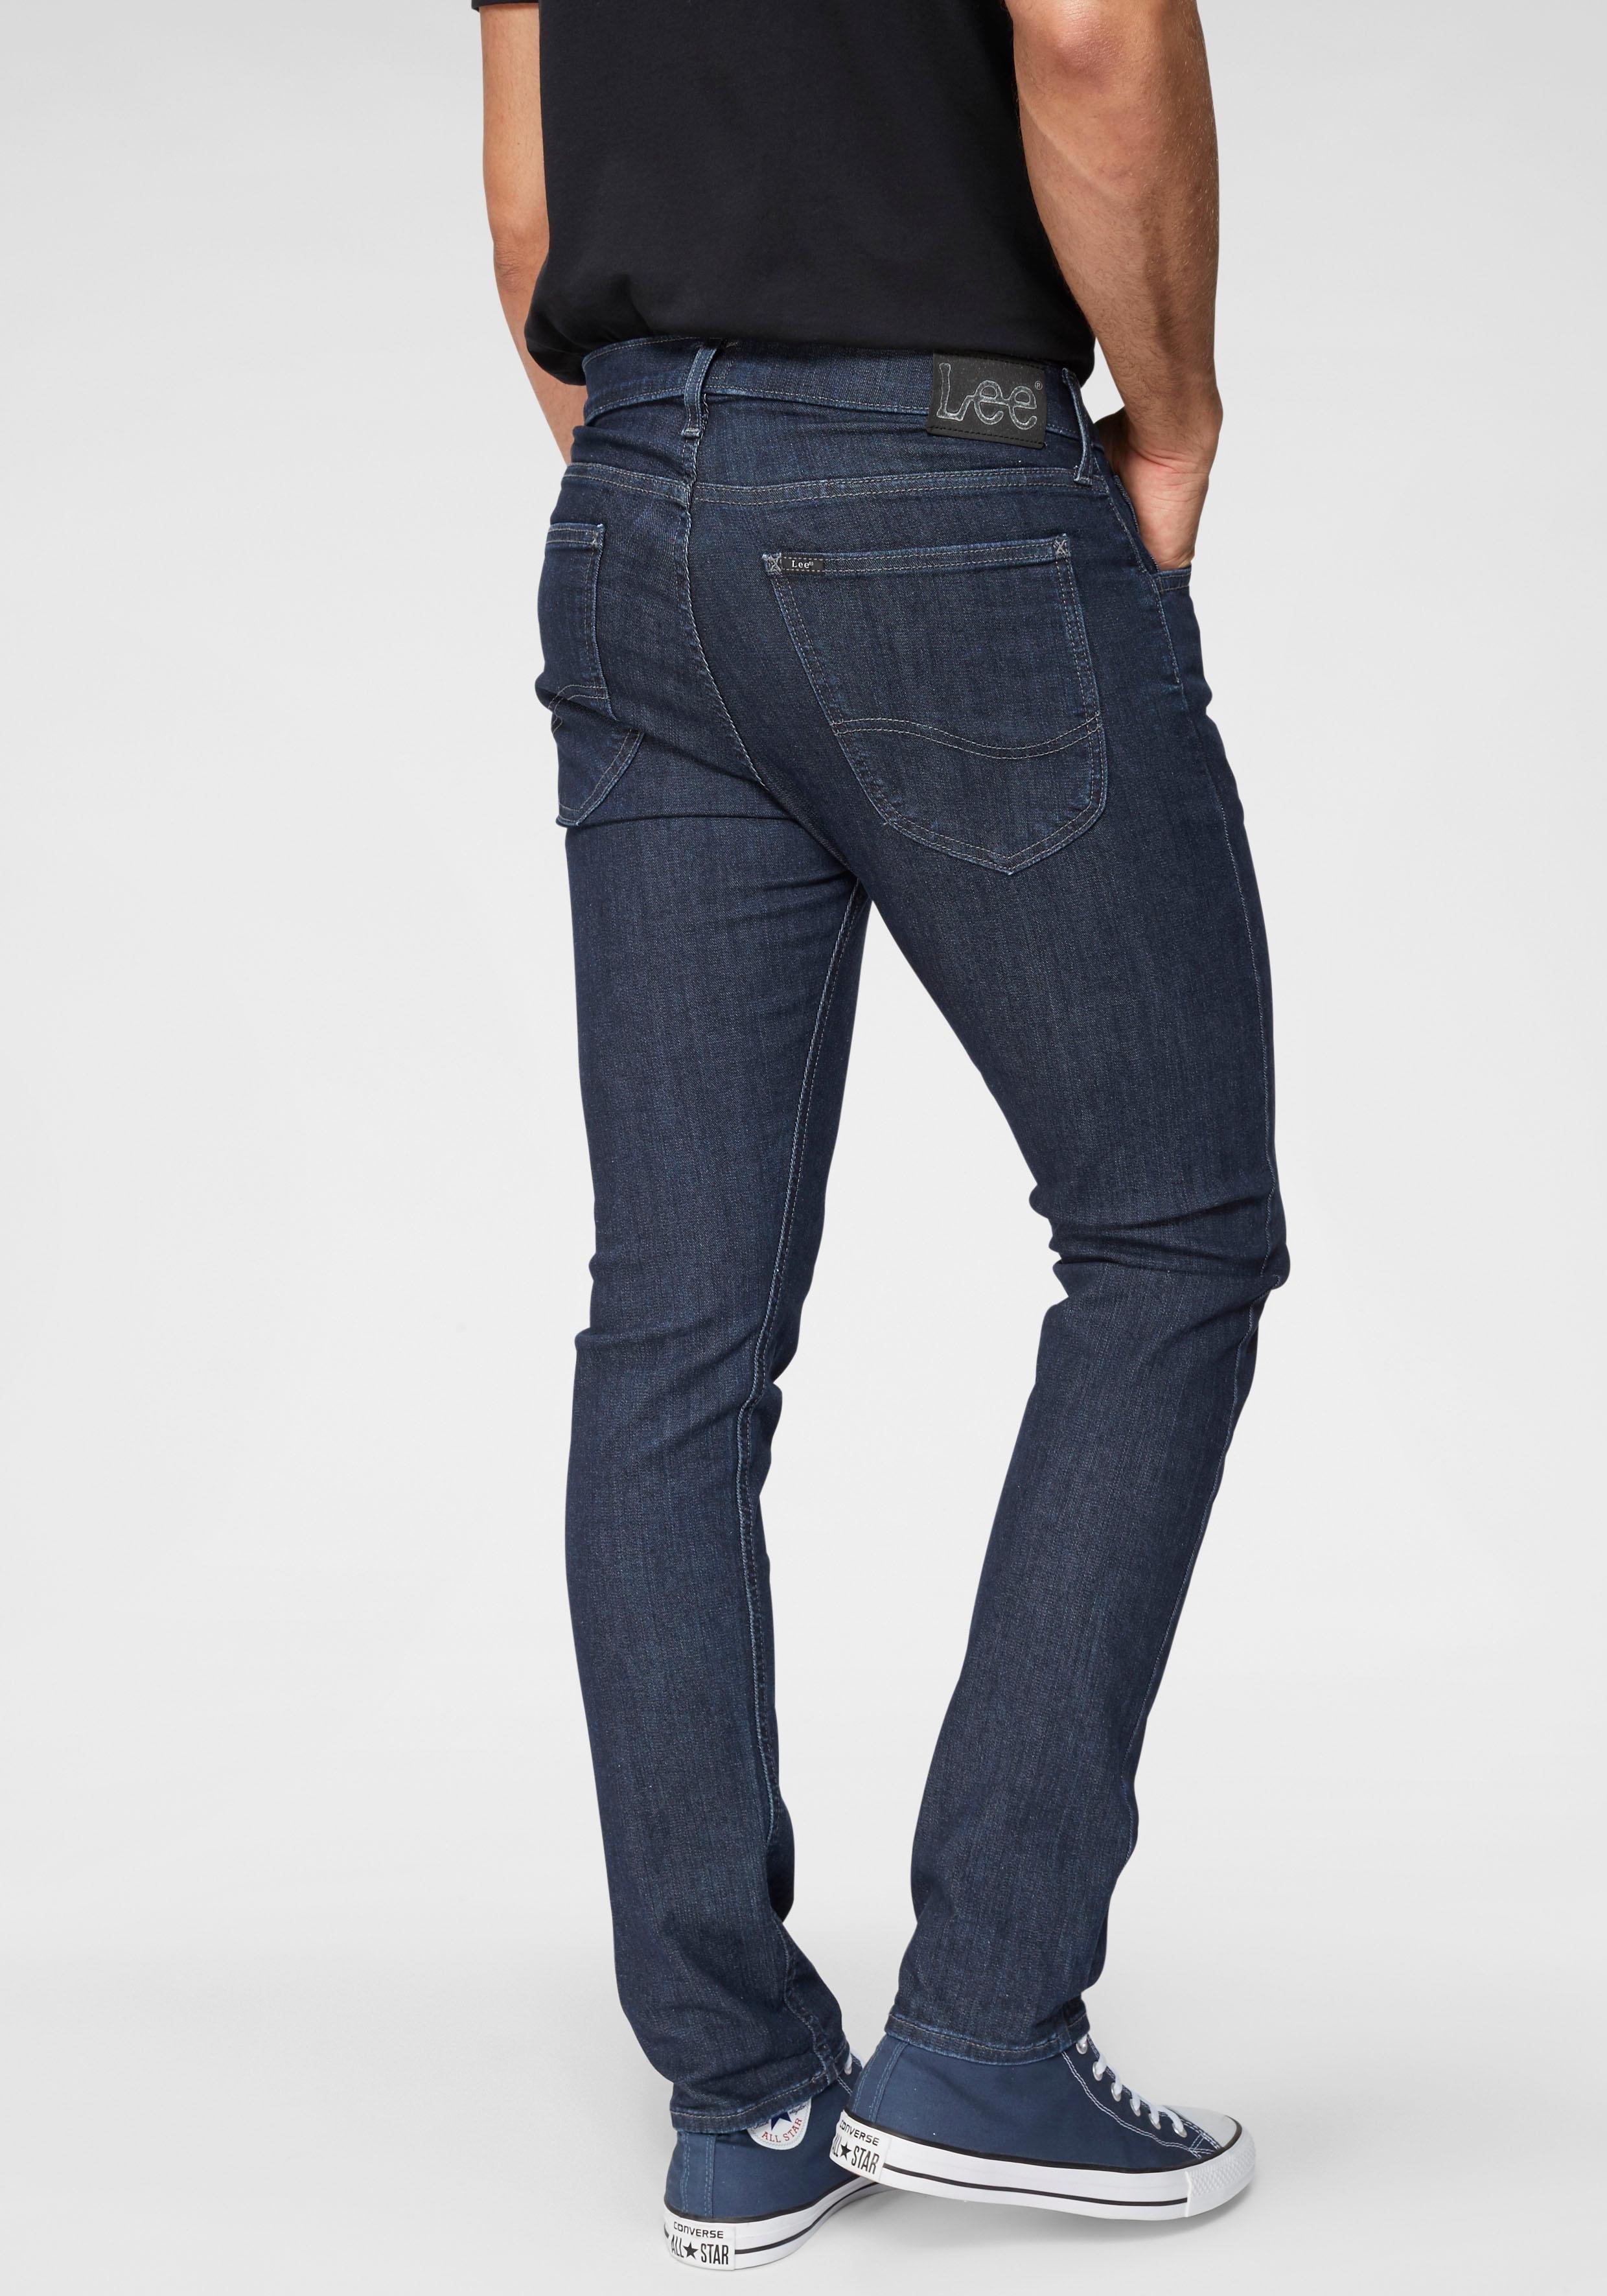 Lee ® 5-pocket jeans »Luke« nu online bestellen